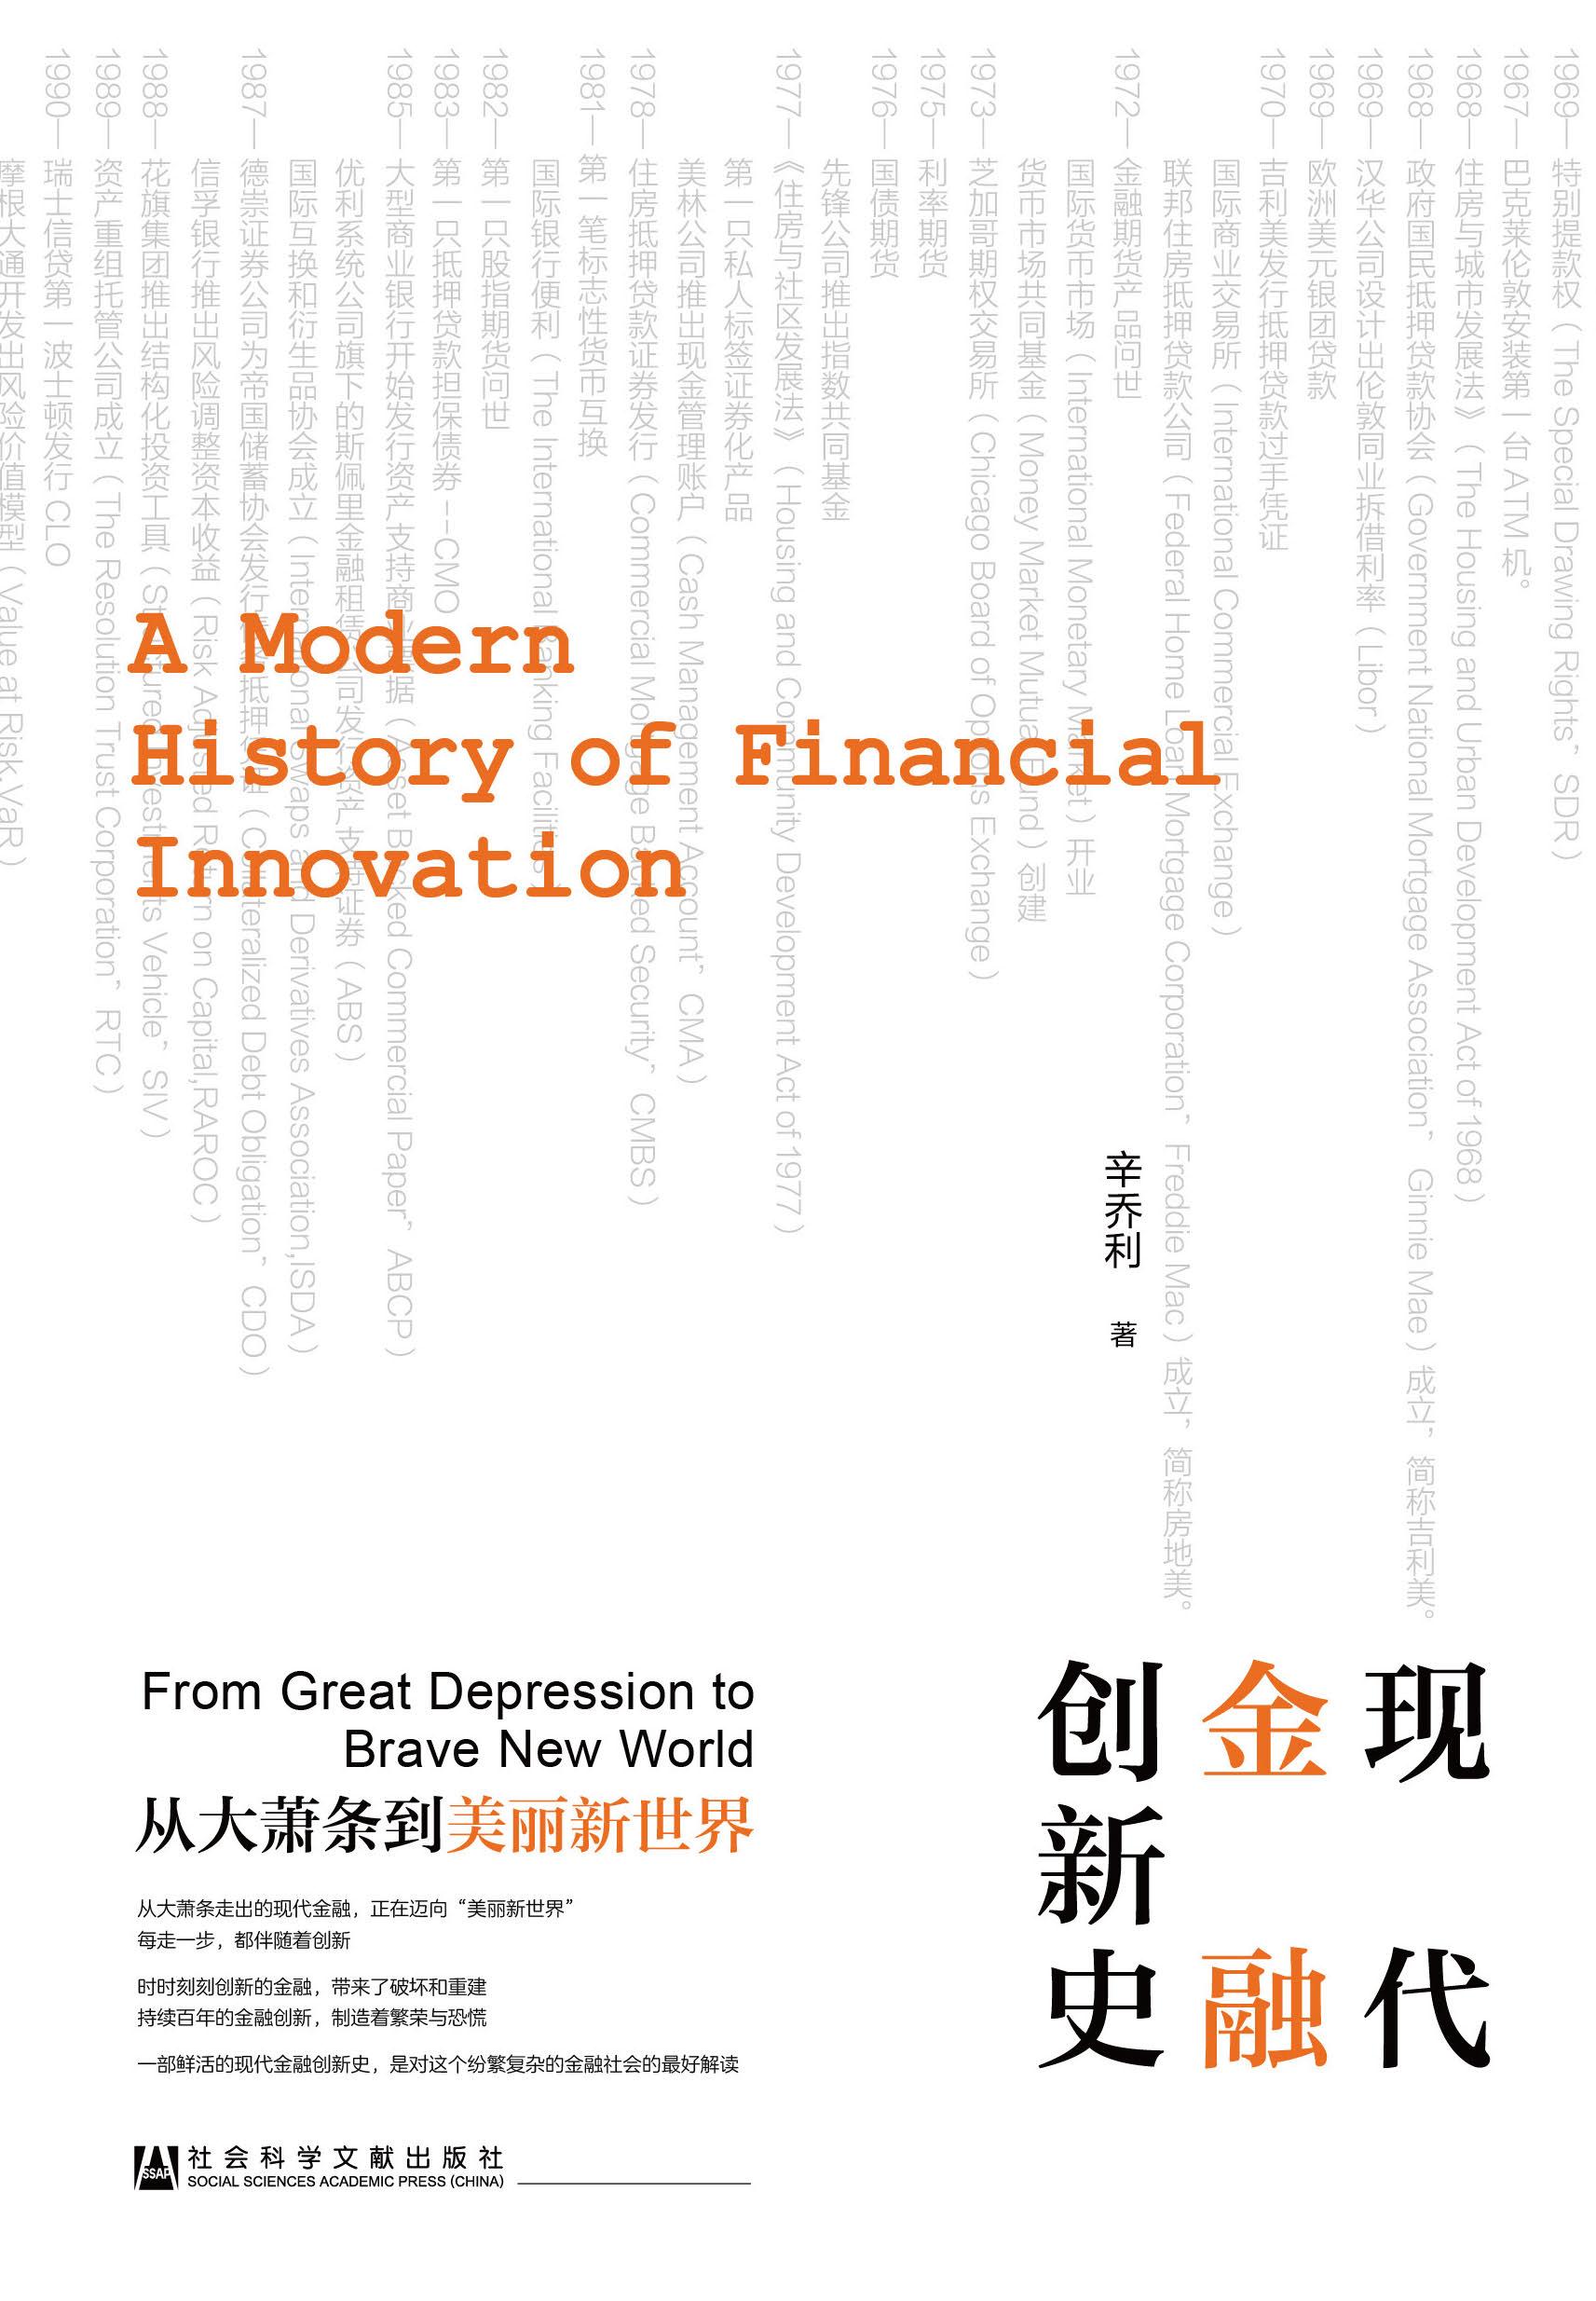 现代金融创新史:从大萧条到美丽新世界